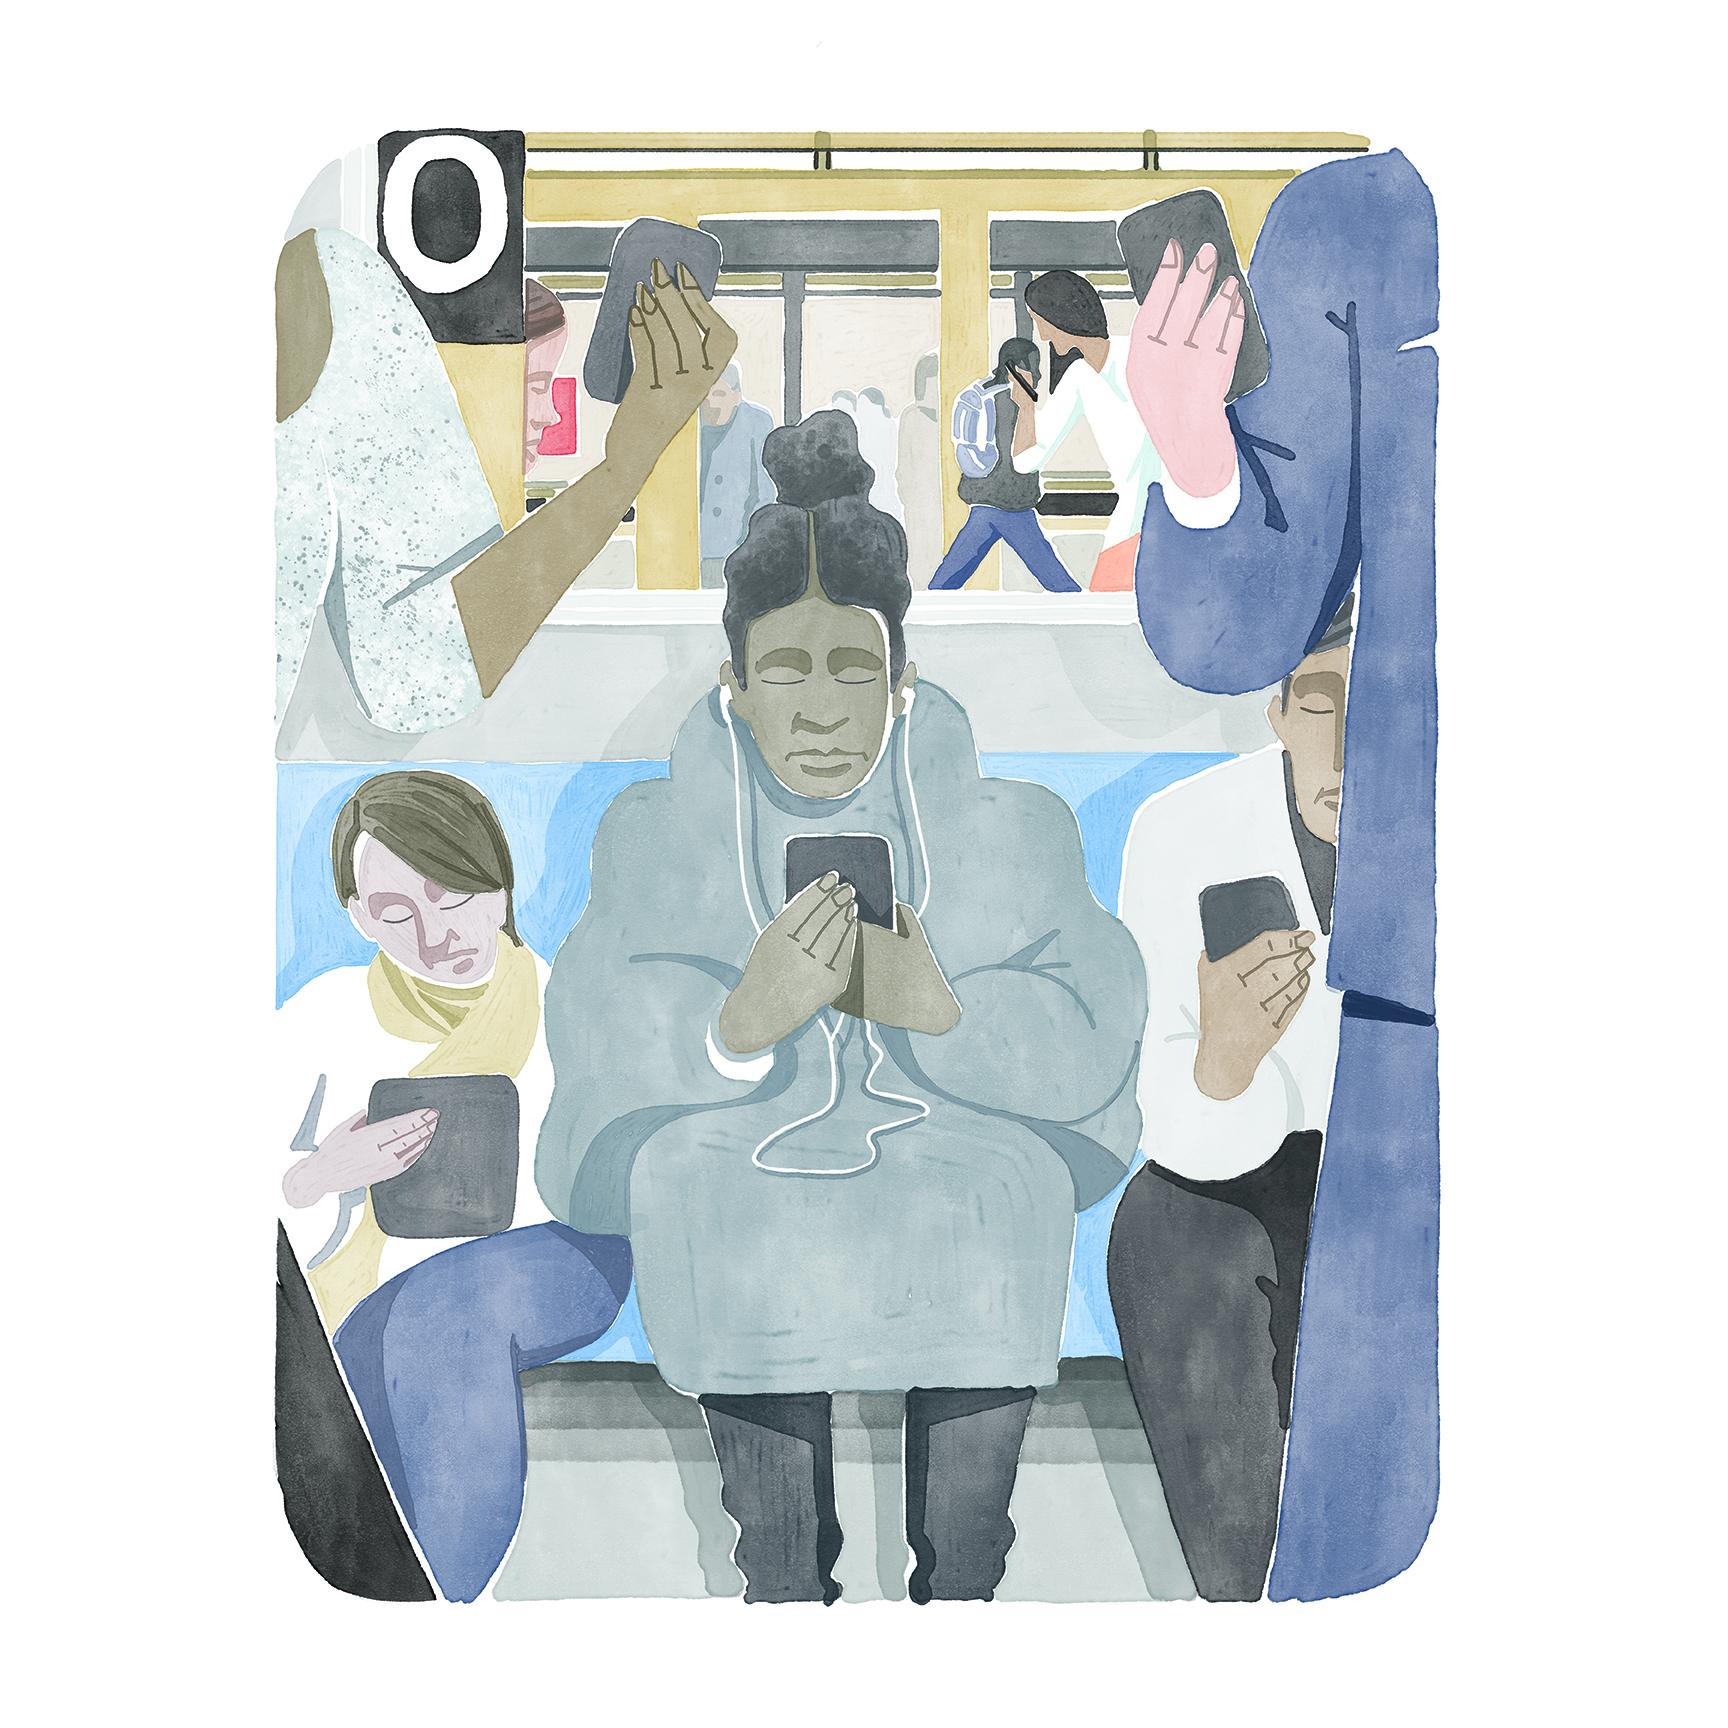 02_Subway_V04.jpg